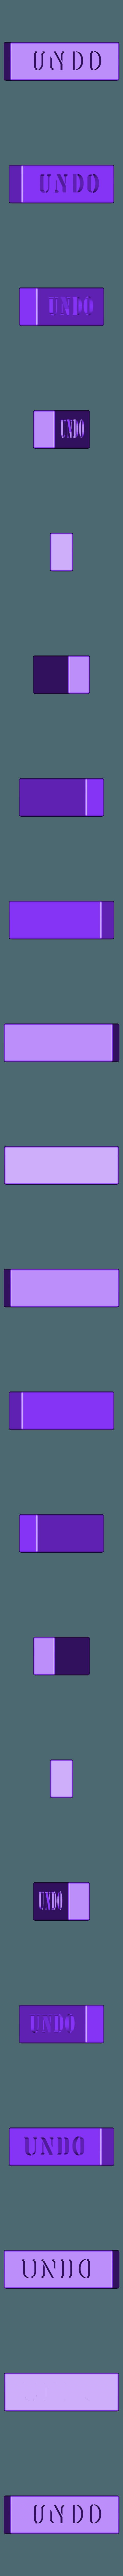 Jenga block - Undo.stl Download STL file Jenga Rules • 3D print model, Made_In_Space